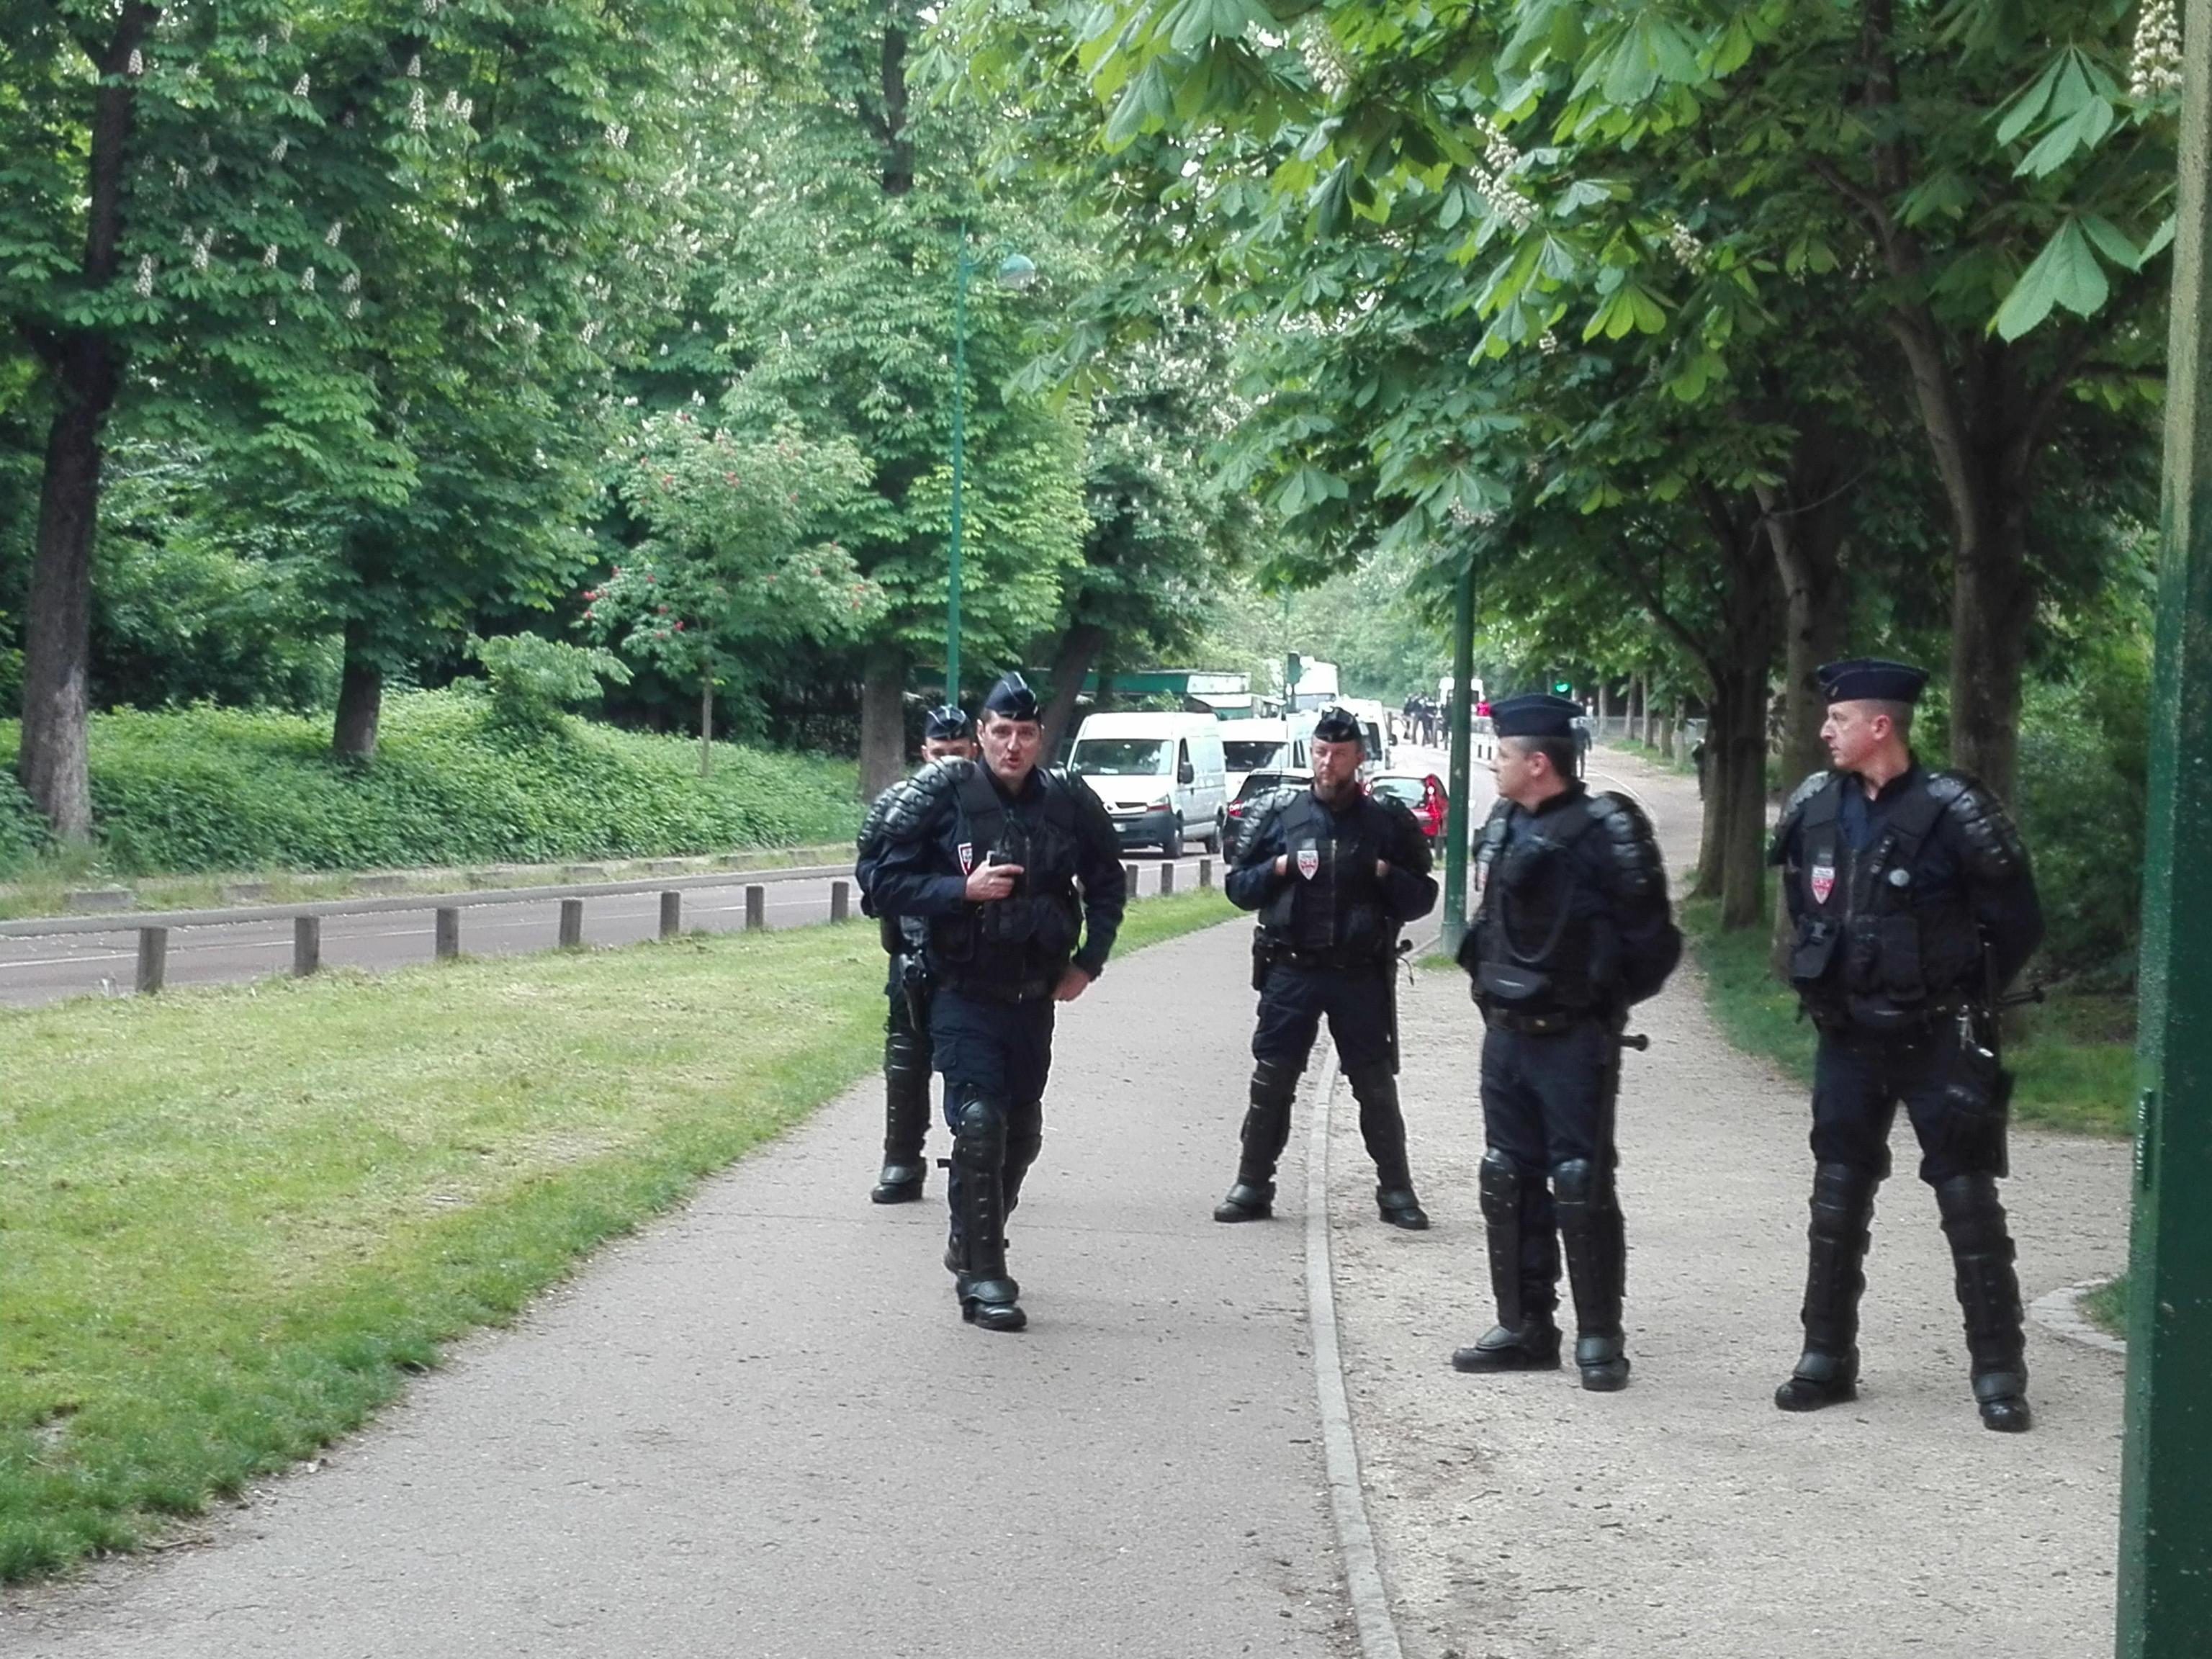 Francia, attacco col coltello: 2 morti e 2 feriti gravi. Aggressore ucciso dalla Polizia